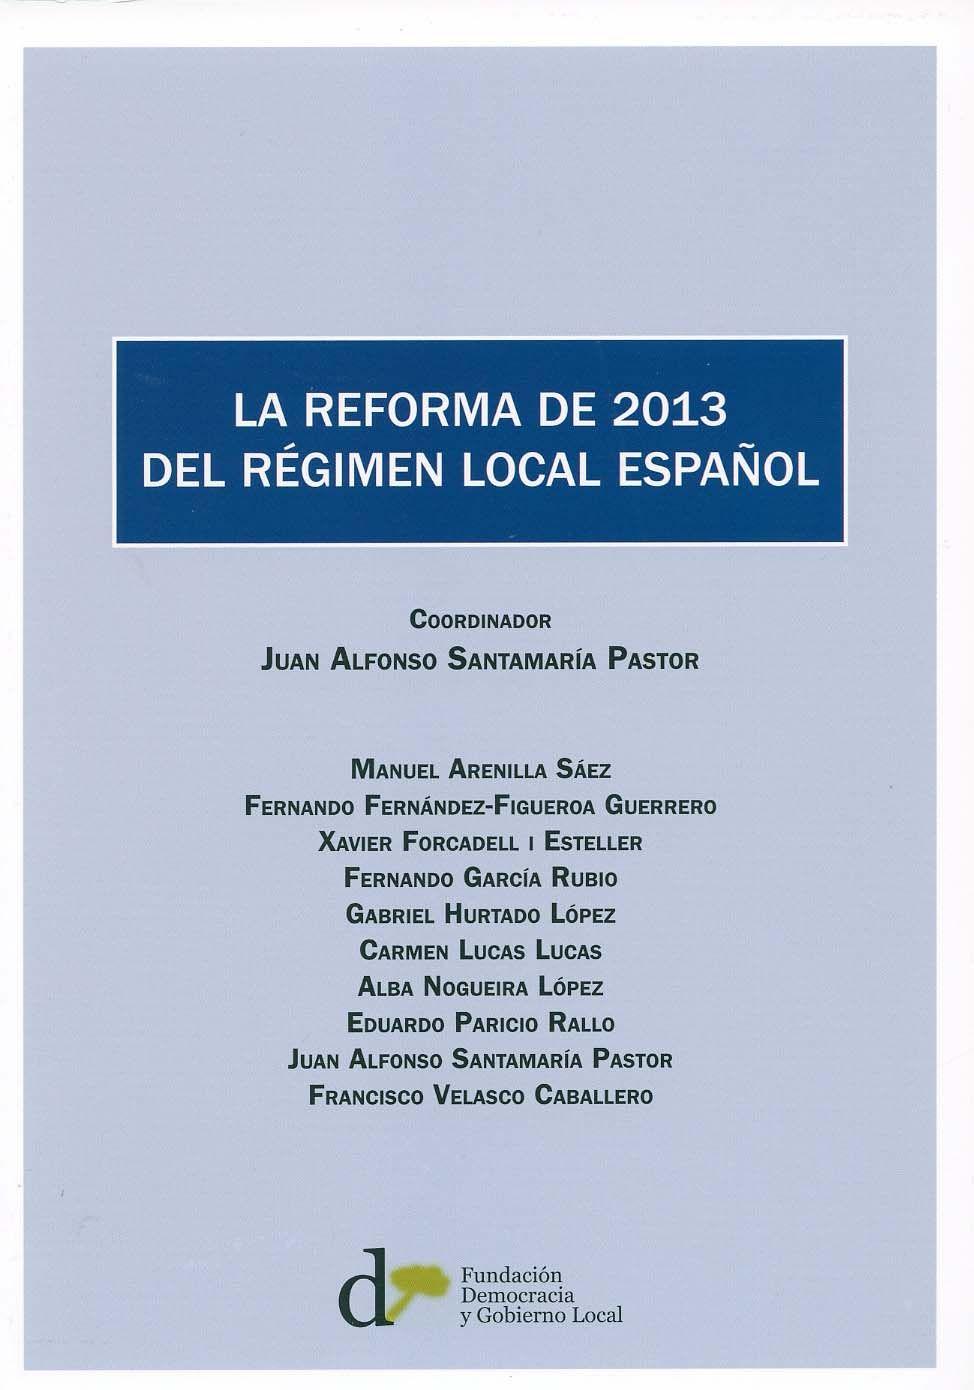 La reforma de 2013 del régimen local español Juan Alfonso Santamaría Pastor, coordinador. -  Madrid ; Barcelona Fundación Democracia y Gobierno Local D.L. 2014